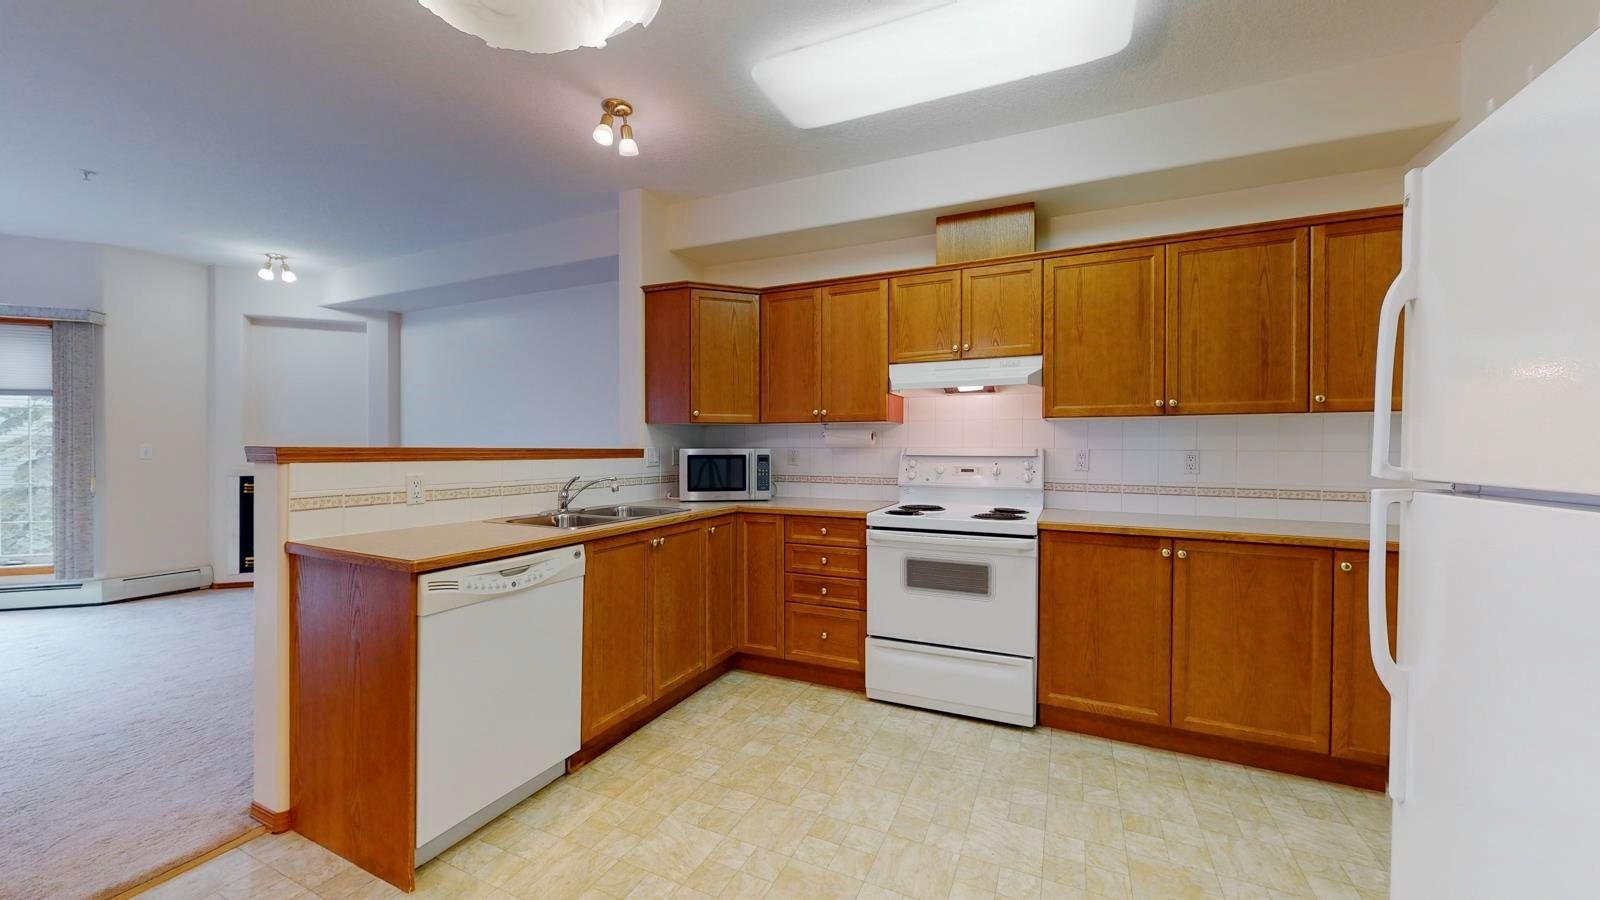 Main Photo: 223 11260 153 Avenue in Edmonton: Zone 27 Condo for sale : MLS®# E4260749